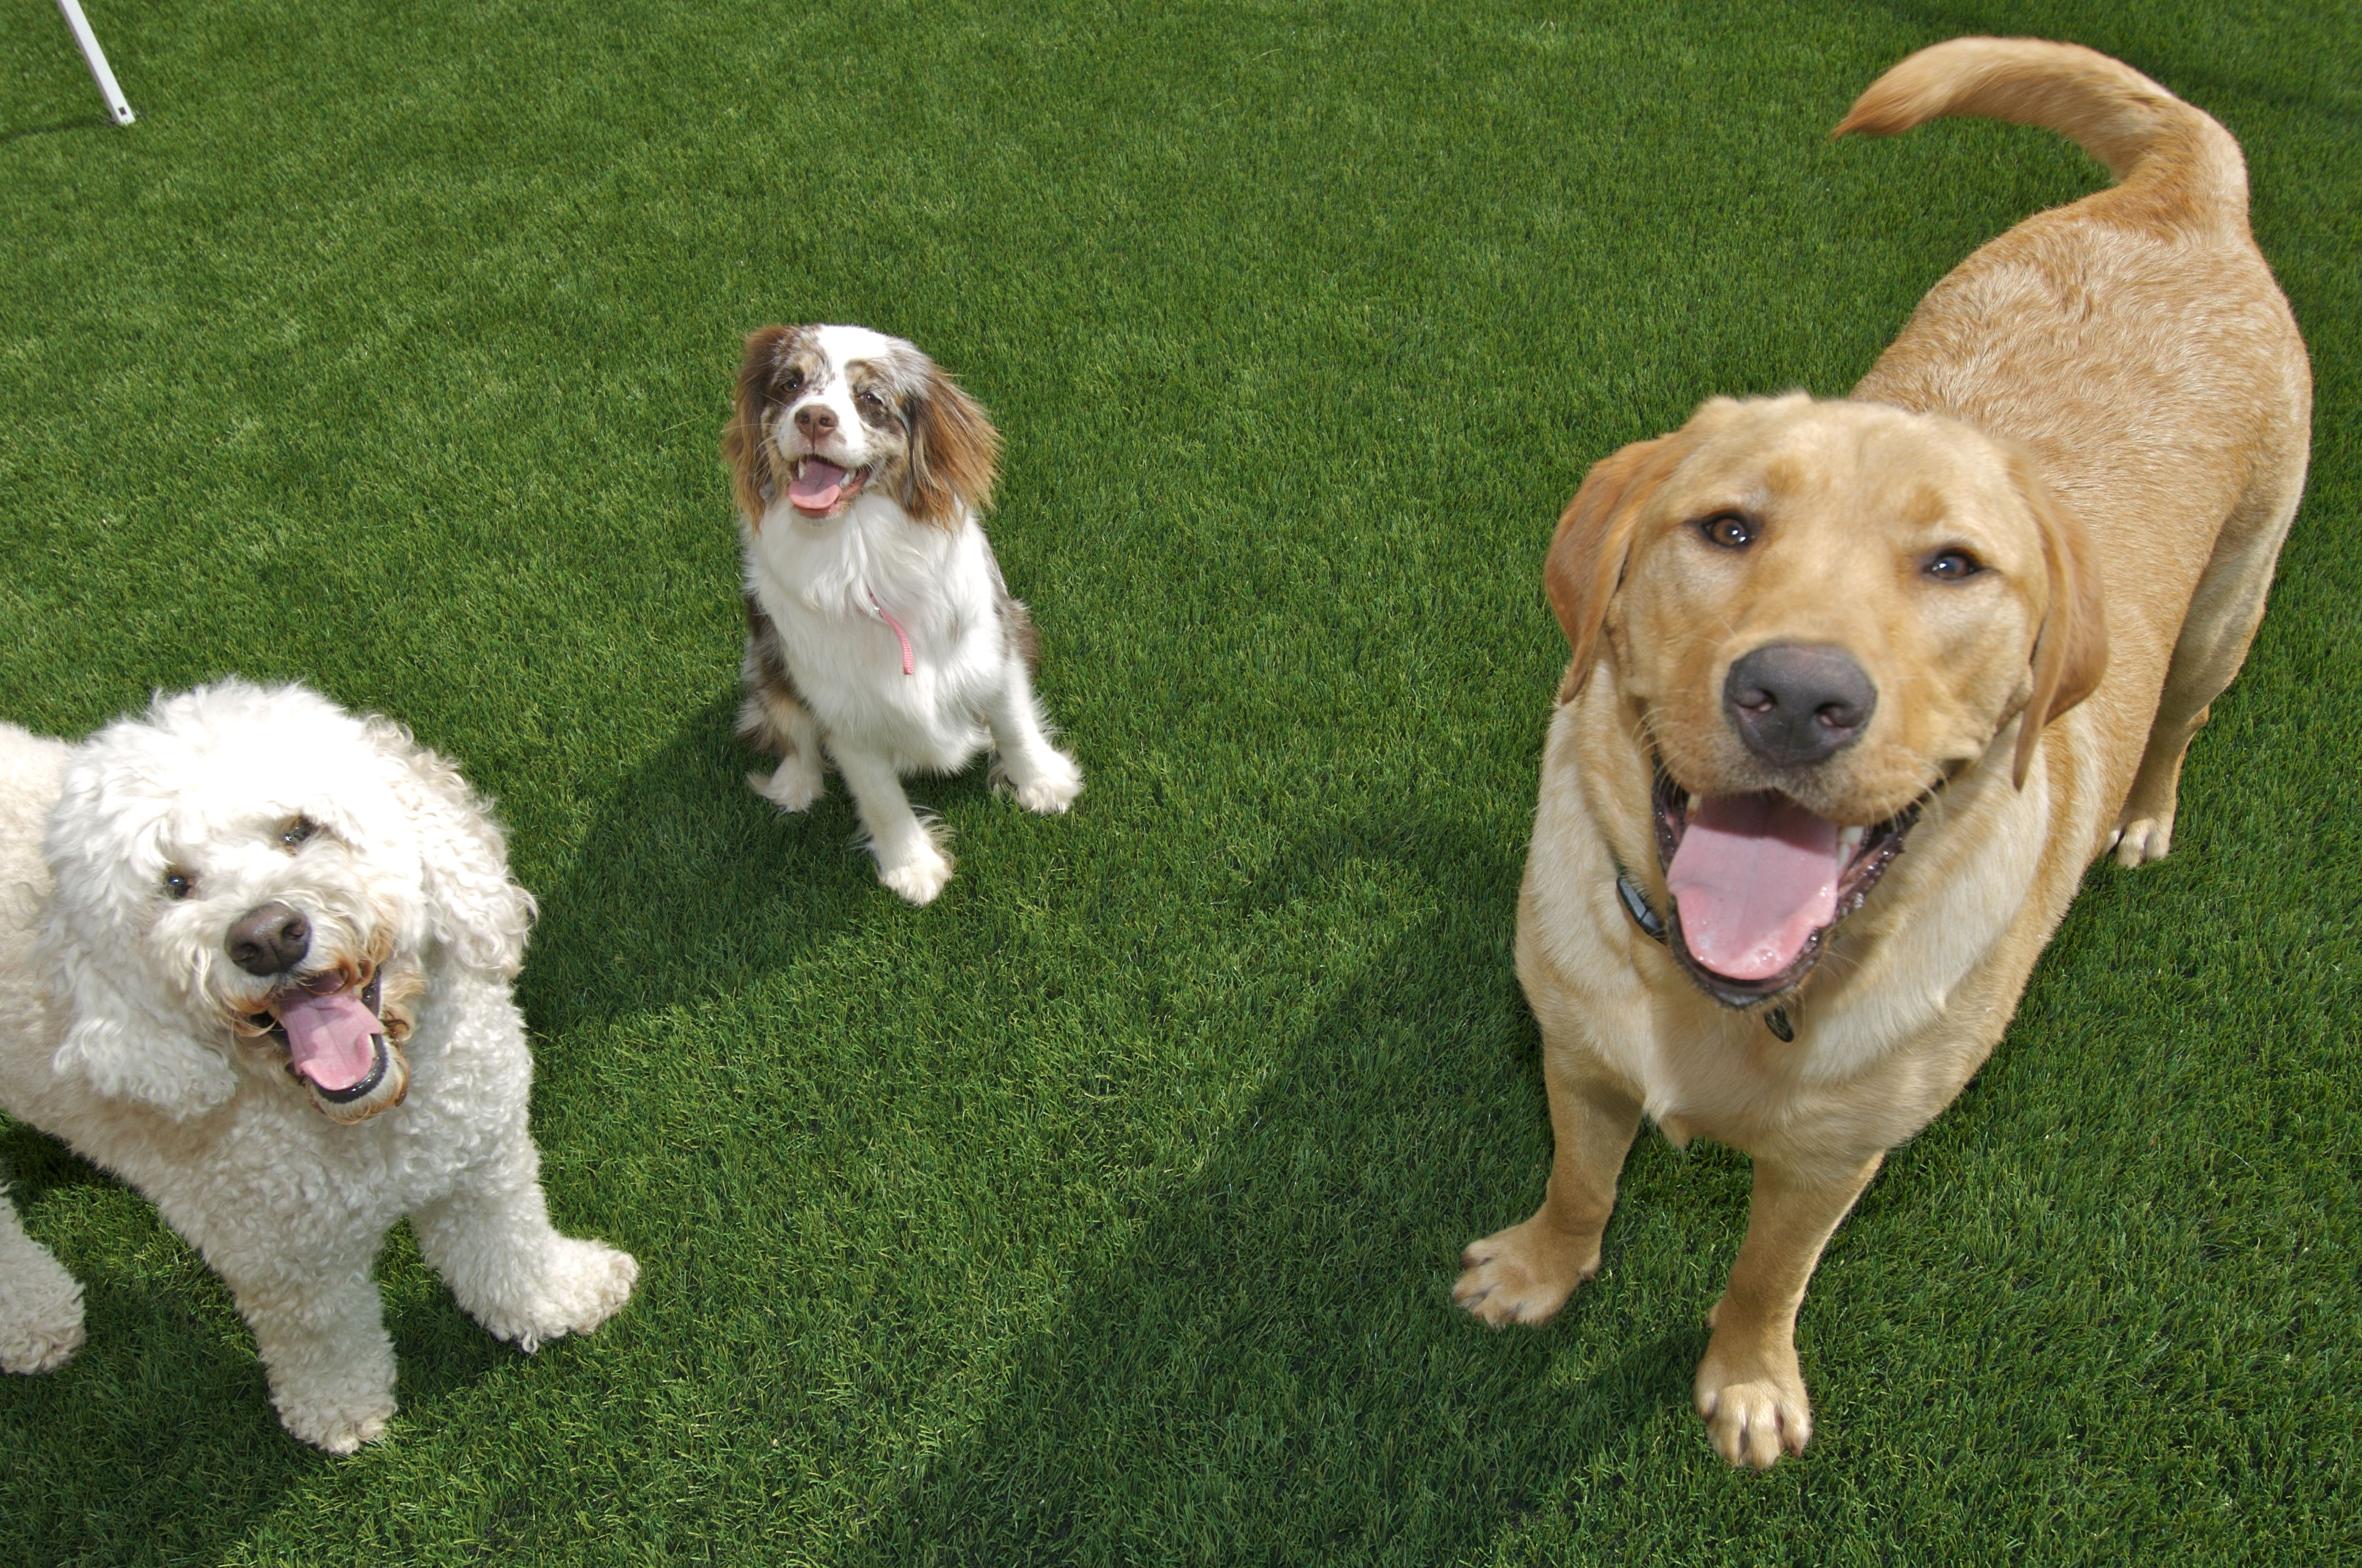 Dogs are a BIG fan of EasyTurf! l pet l